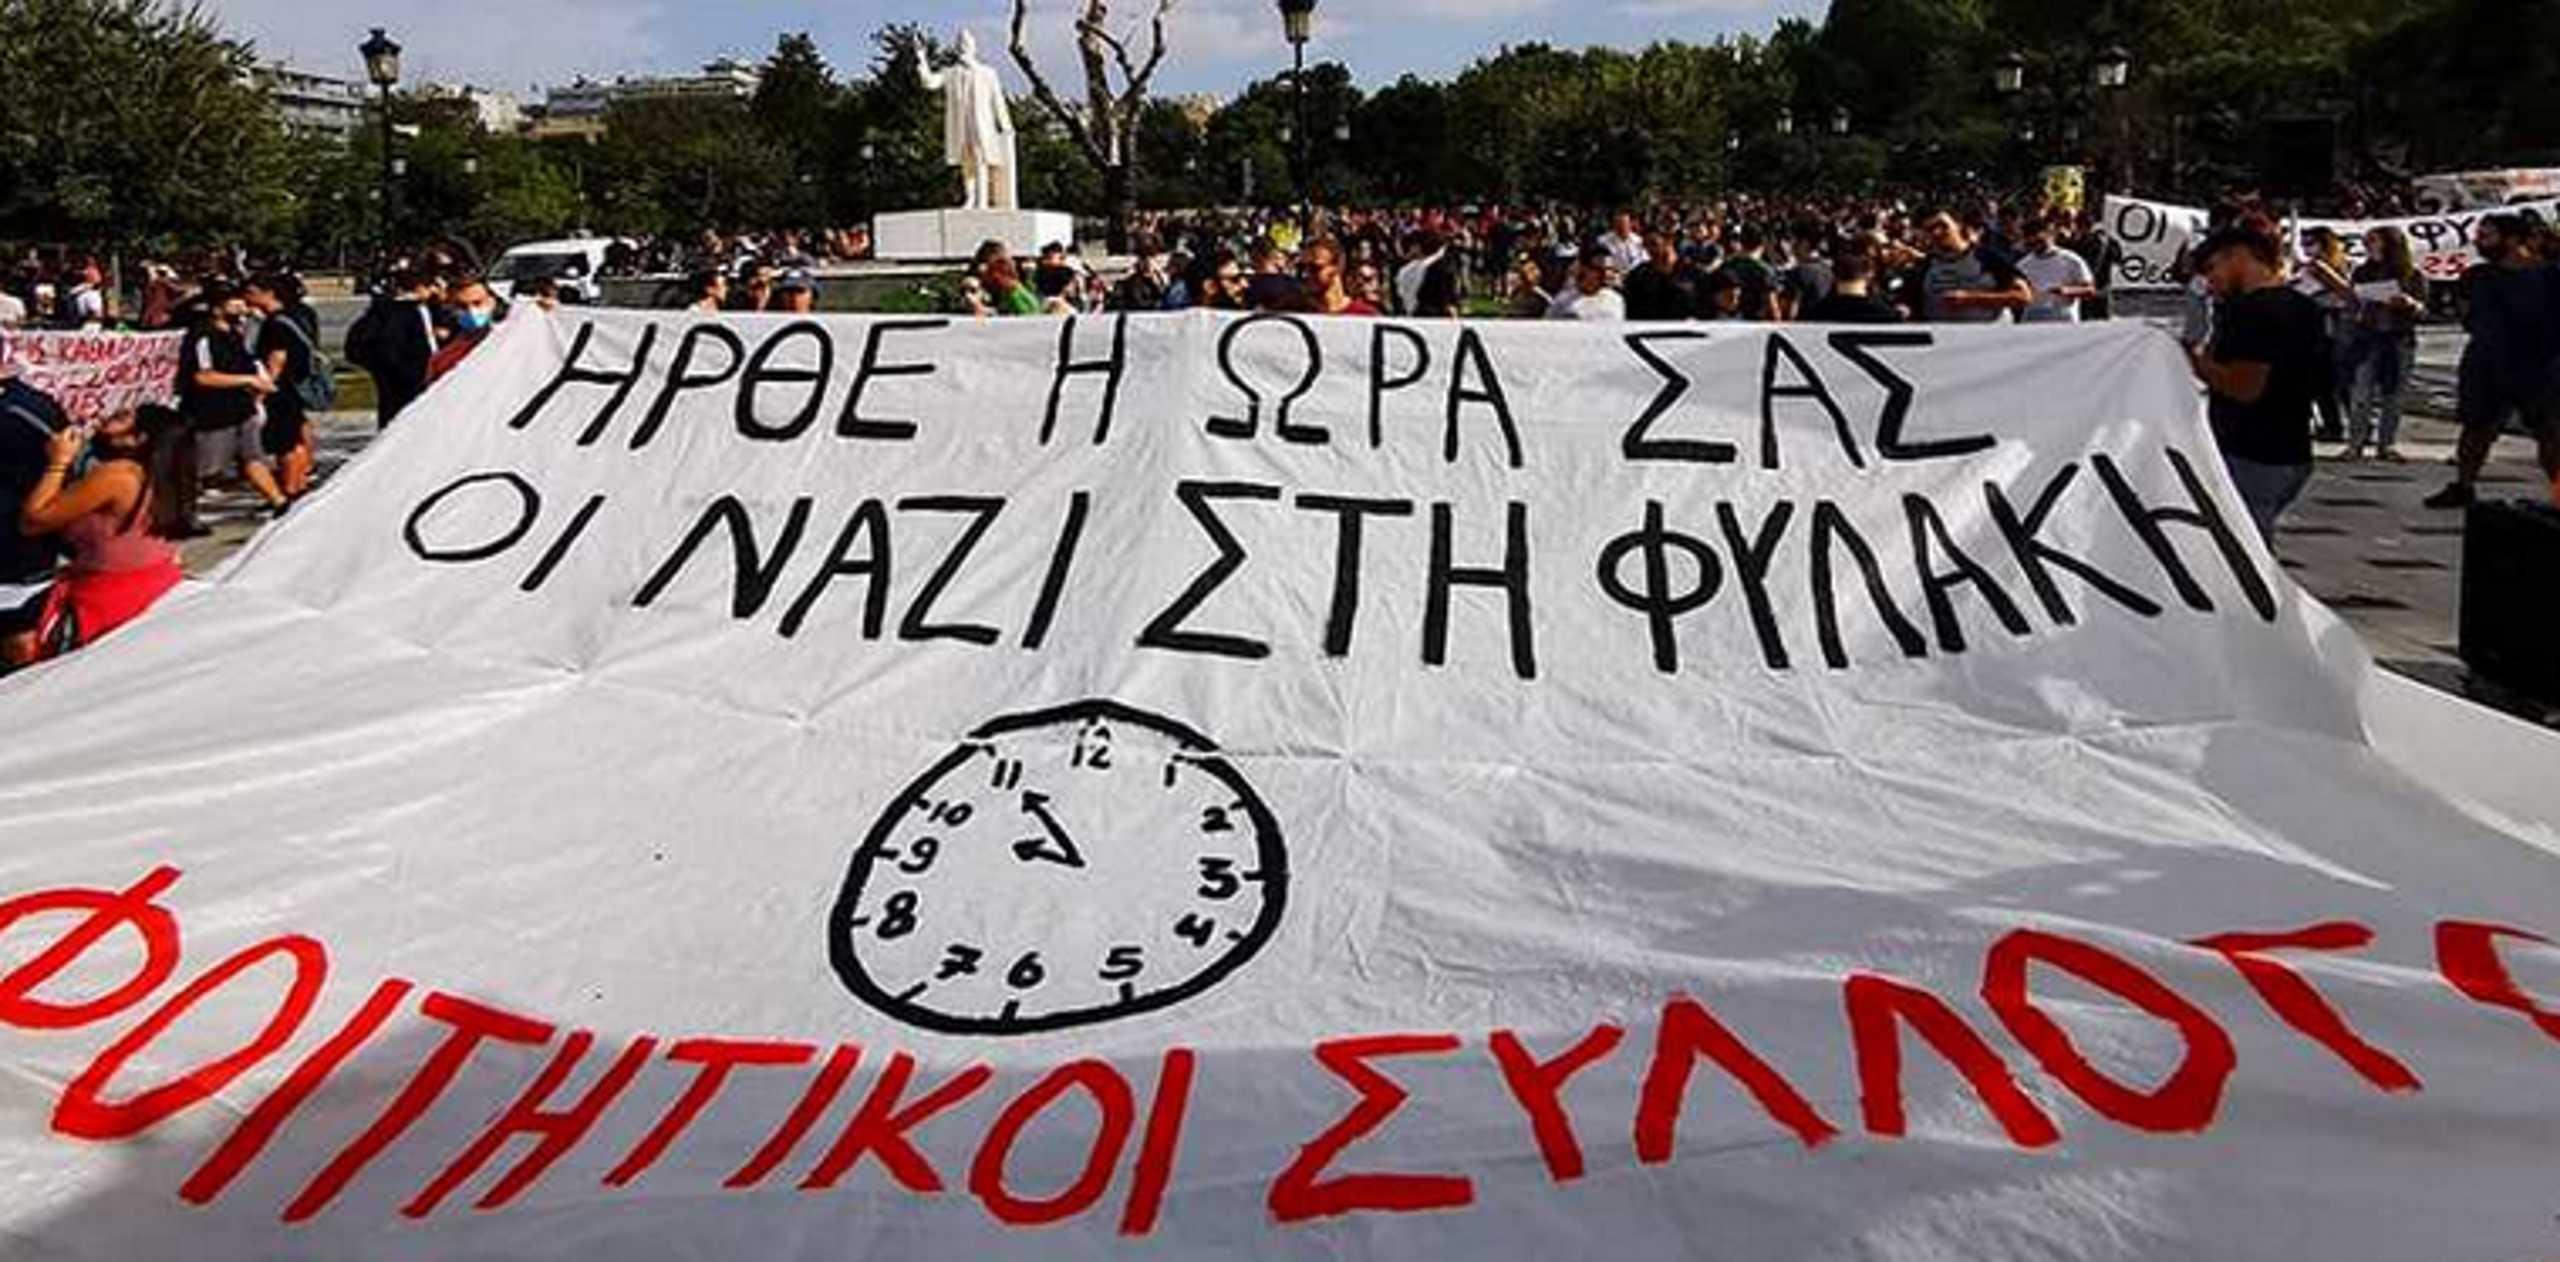 """Δίκη Χρυσής Αυγής: Έτσι περιμένουν την απόφαση στη Θεσσαλονίκη! """"Ναζί ήρθε η ώρα σας"""" (Βίντεο)"""